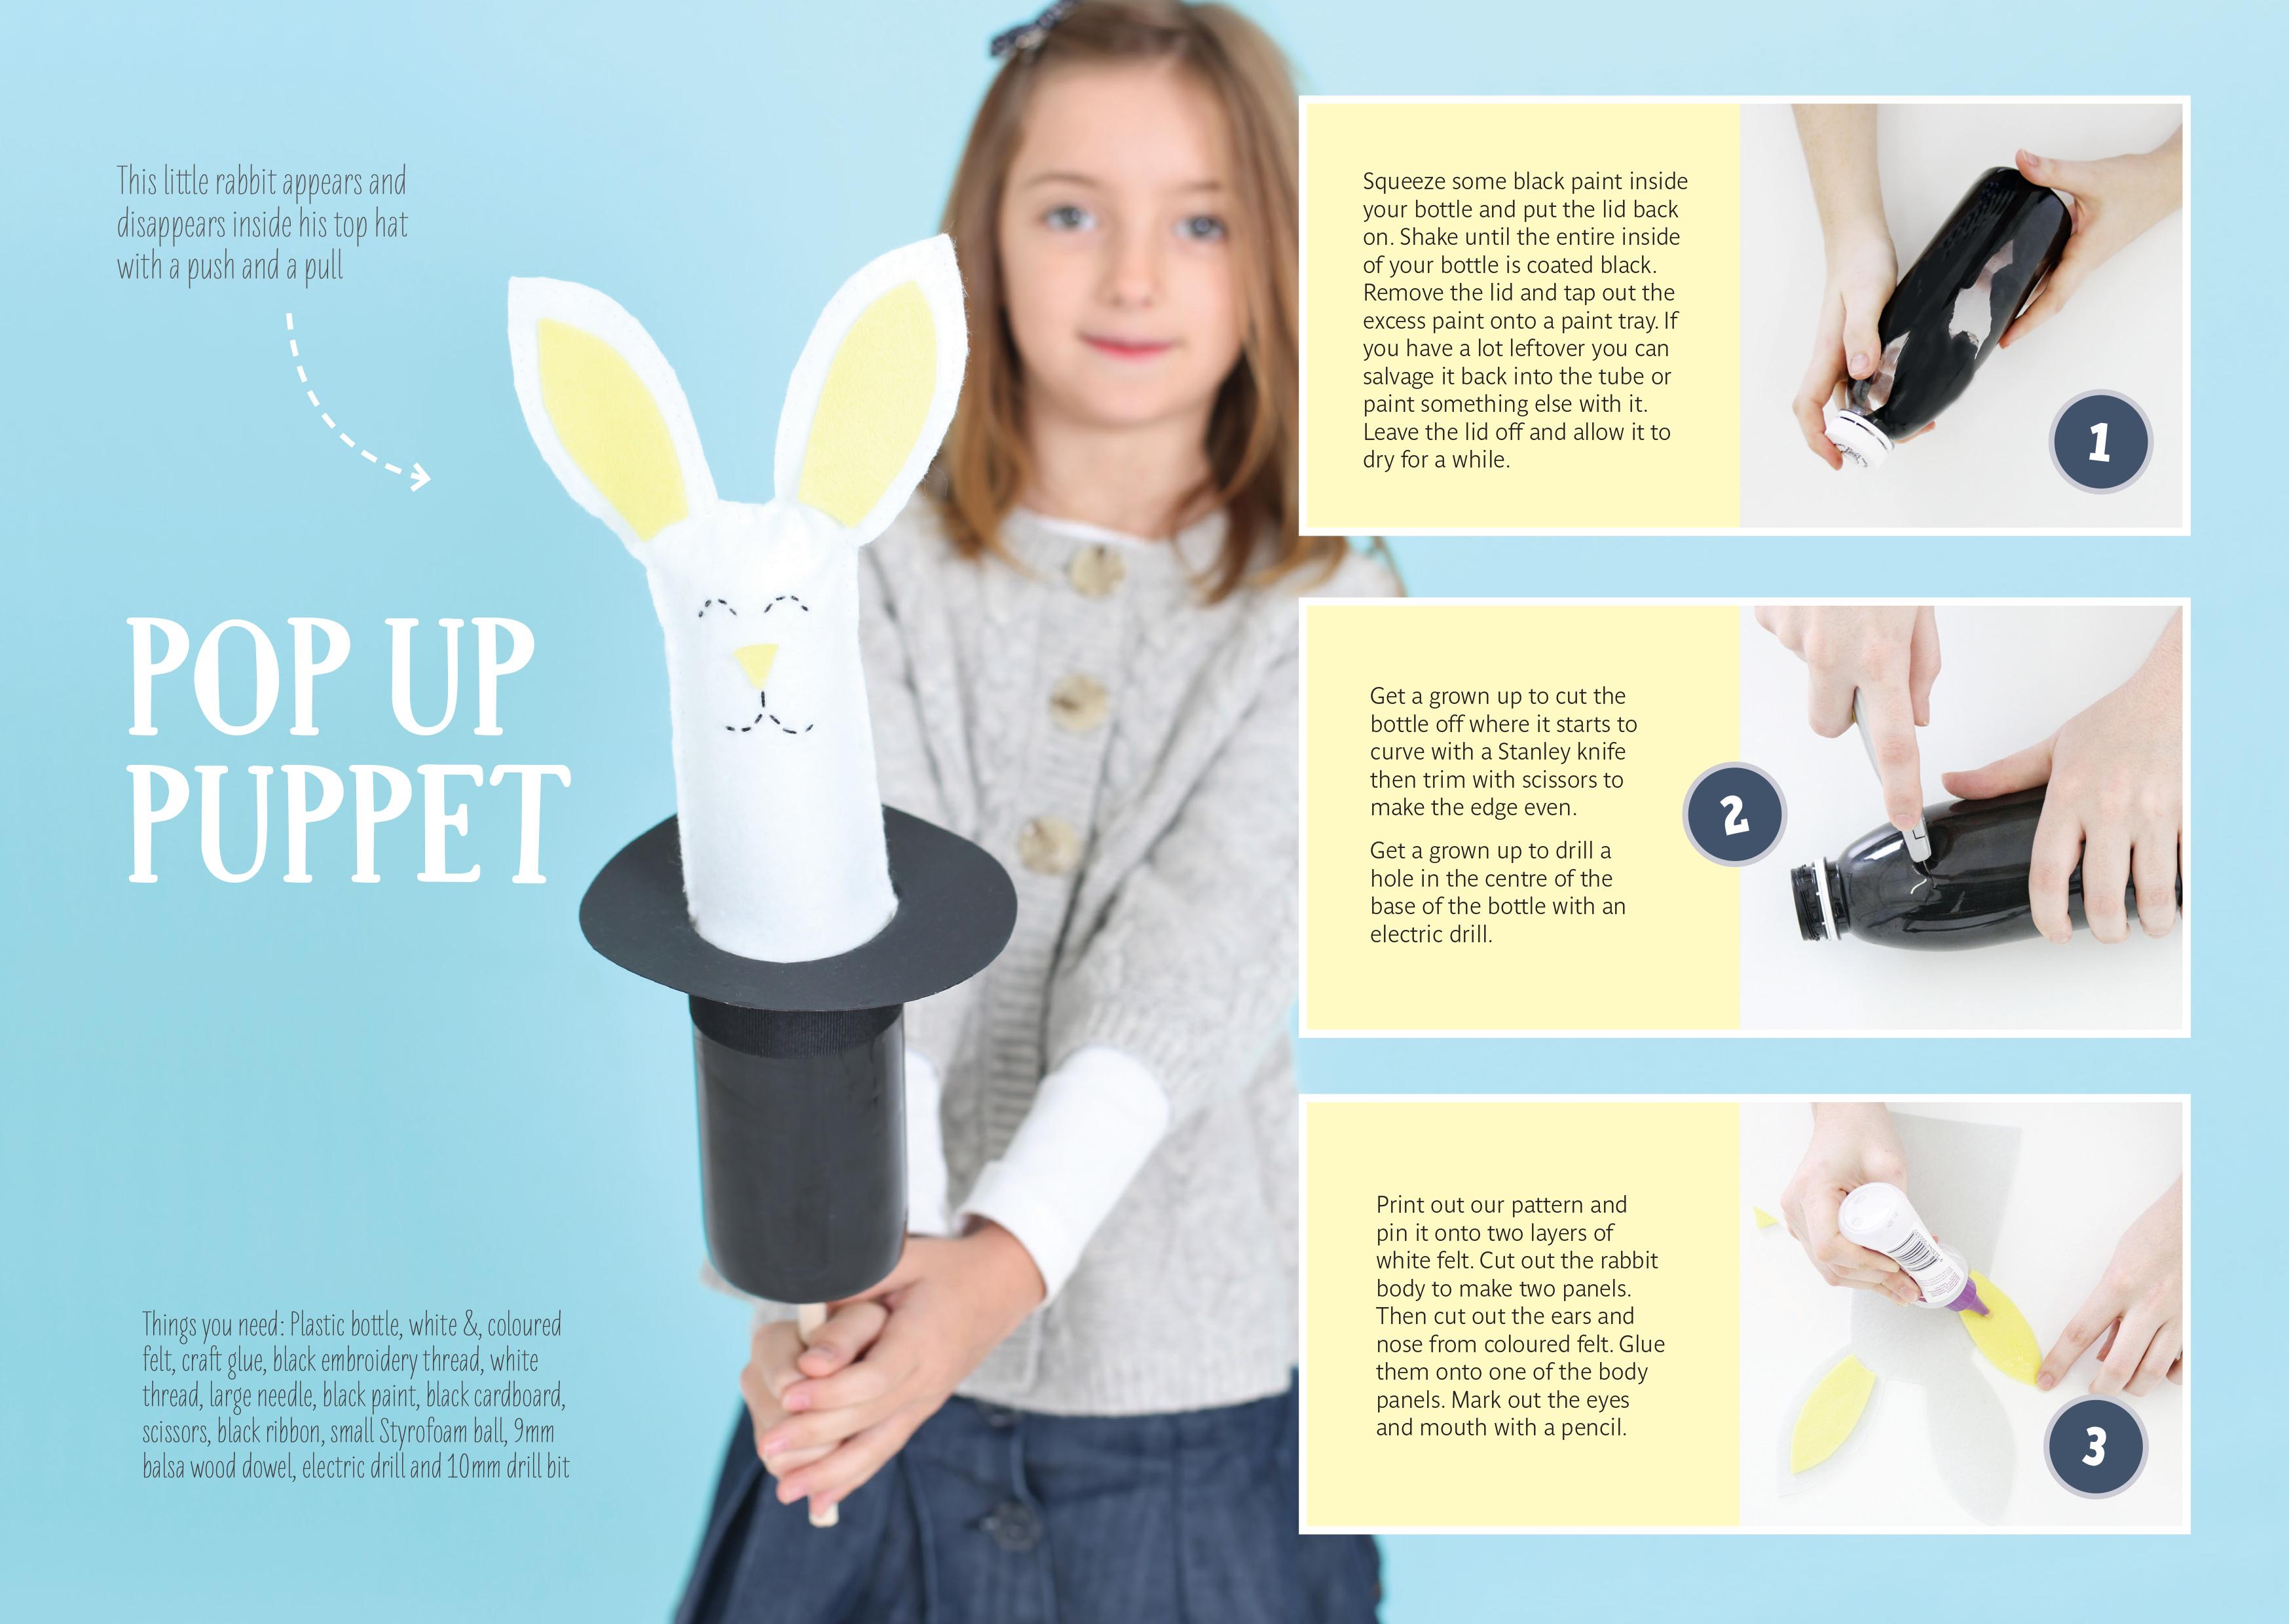 Lotta-pop-up-puppet-1